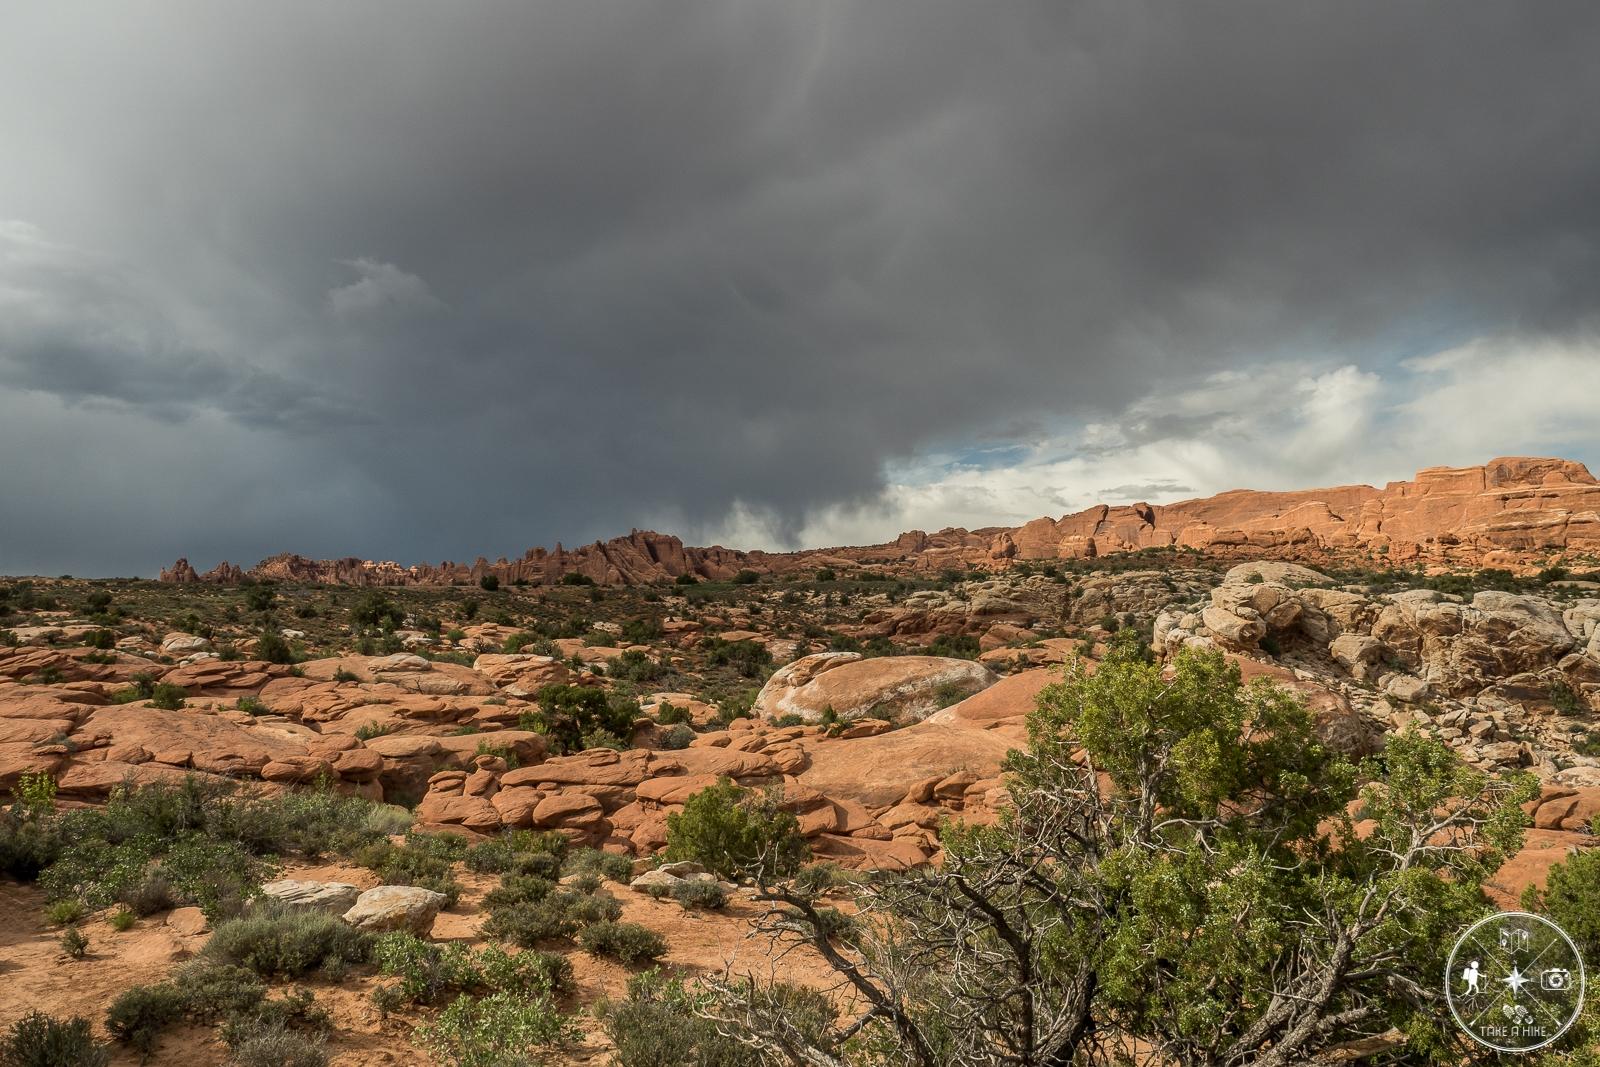 Gewitterwolken über dem Fiery Furnace